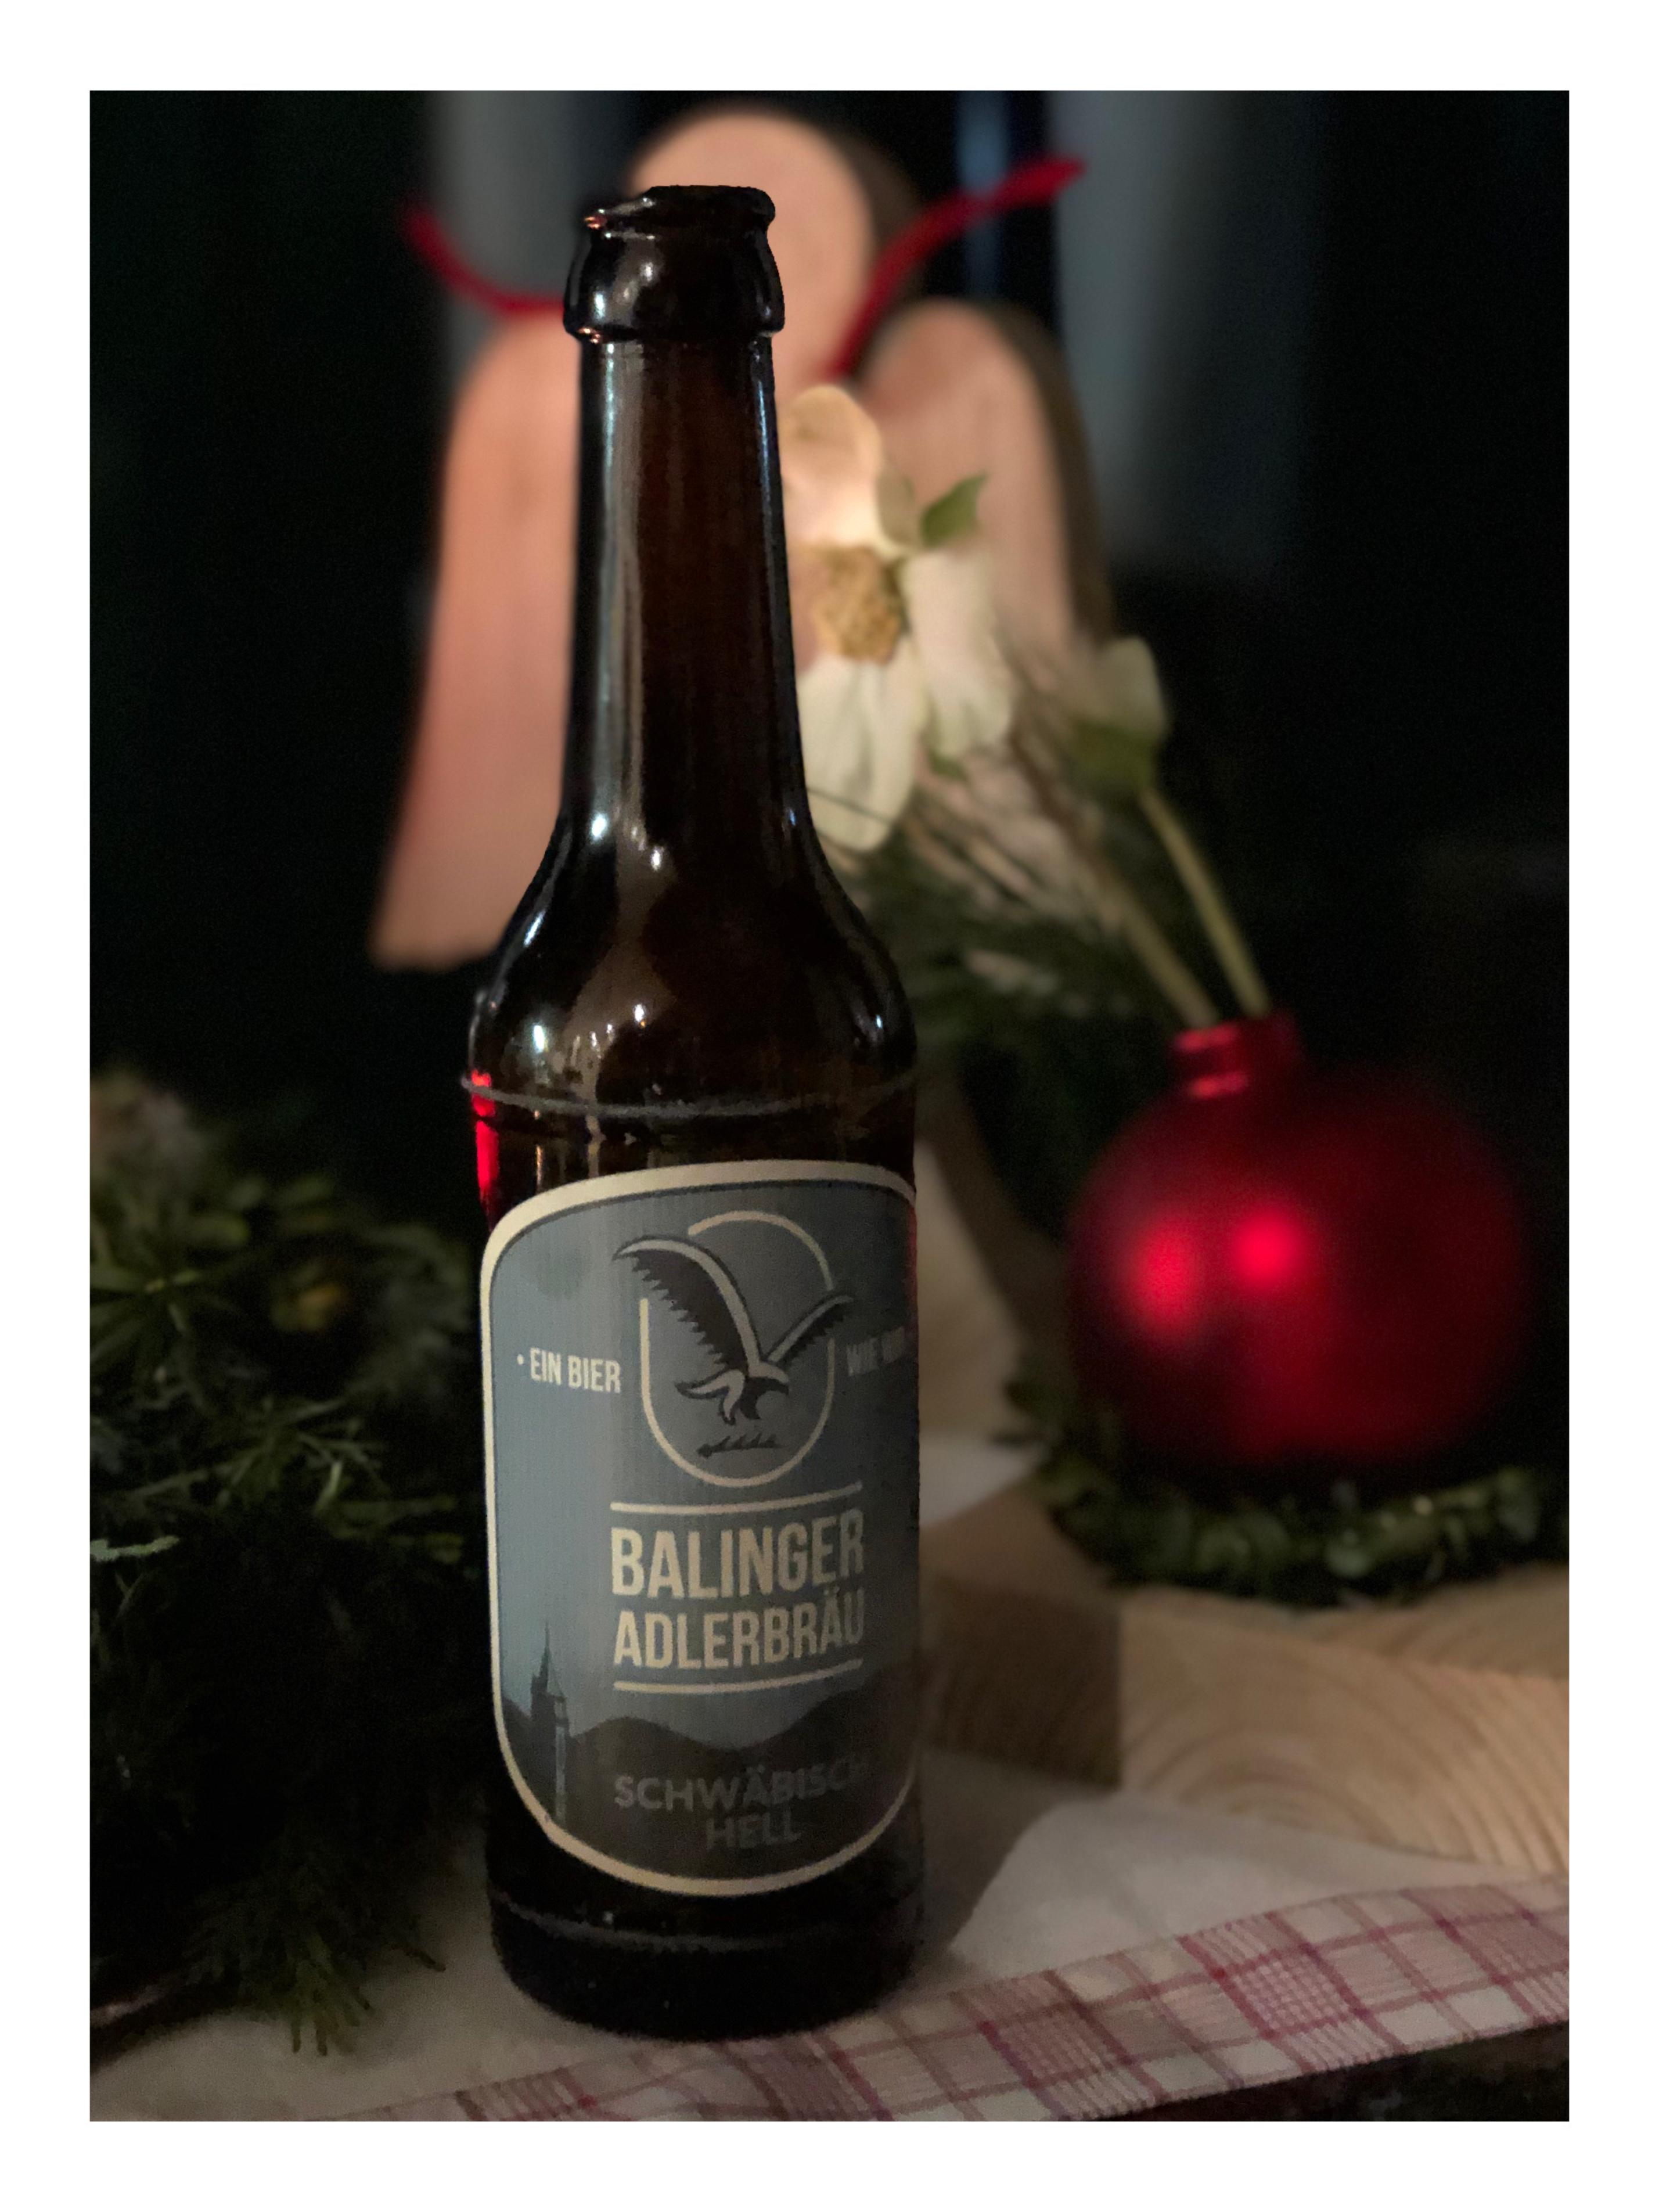 Balinger Adlerbraeu – A revival